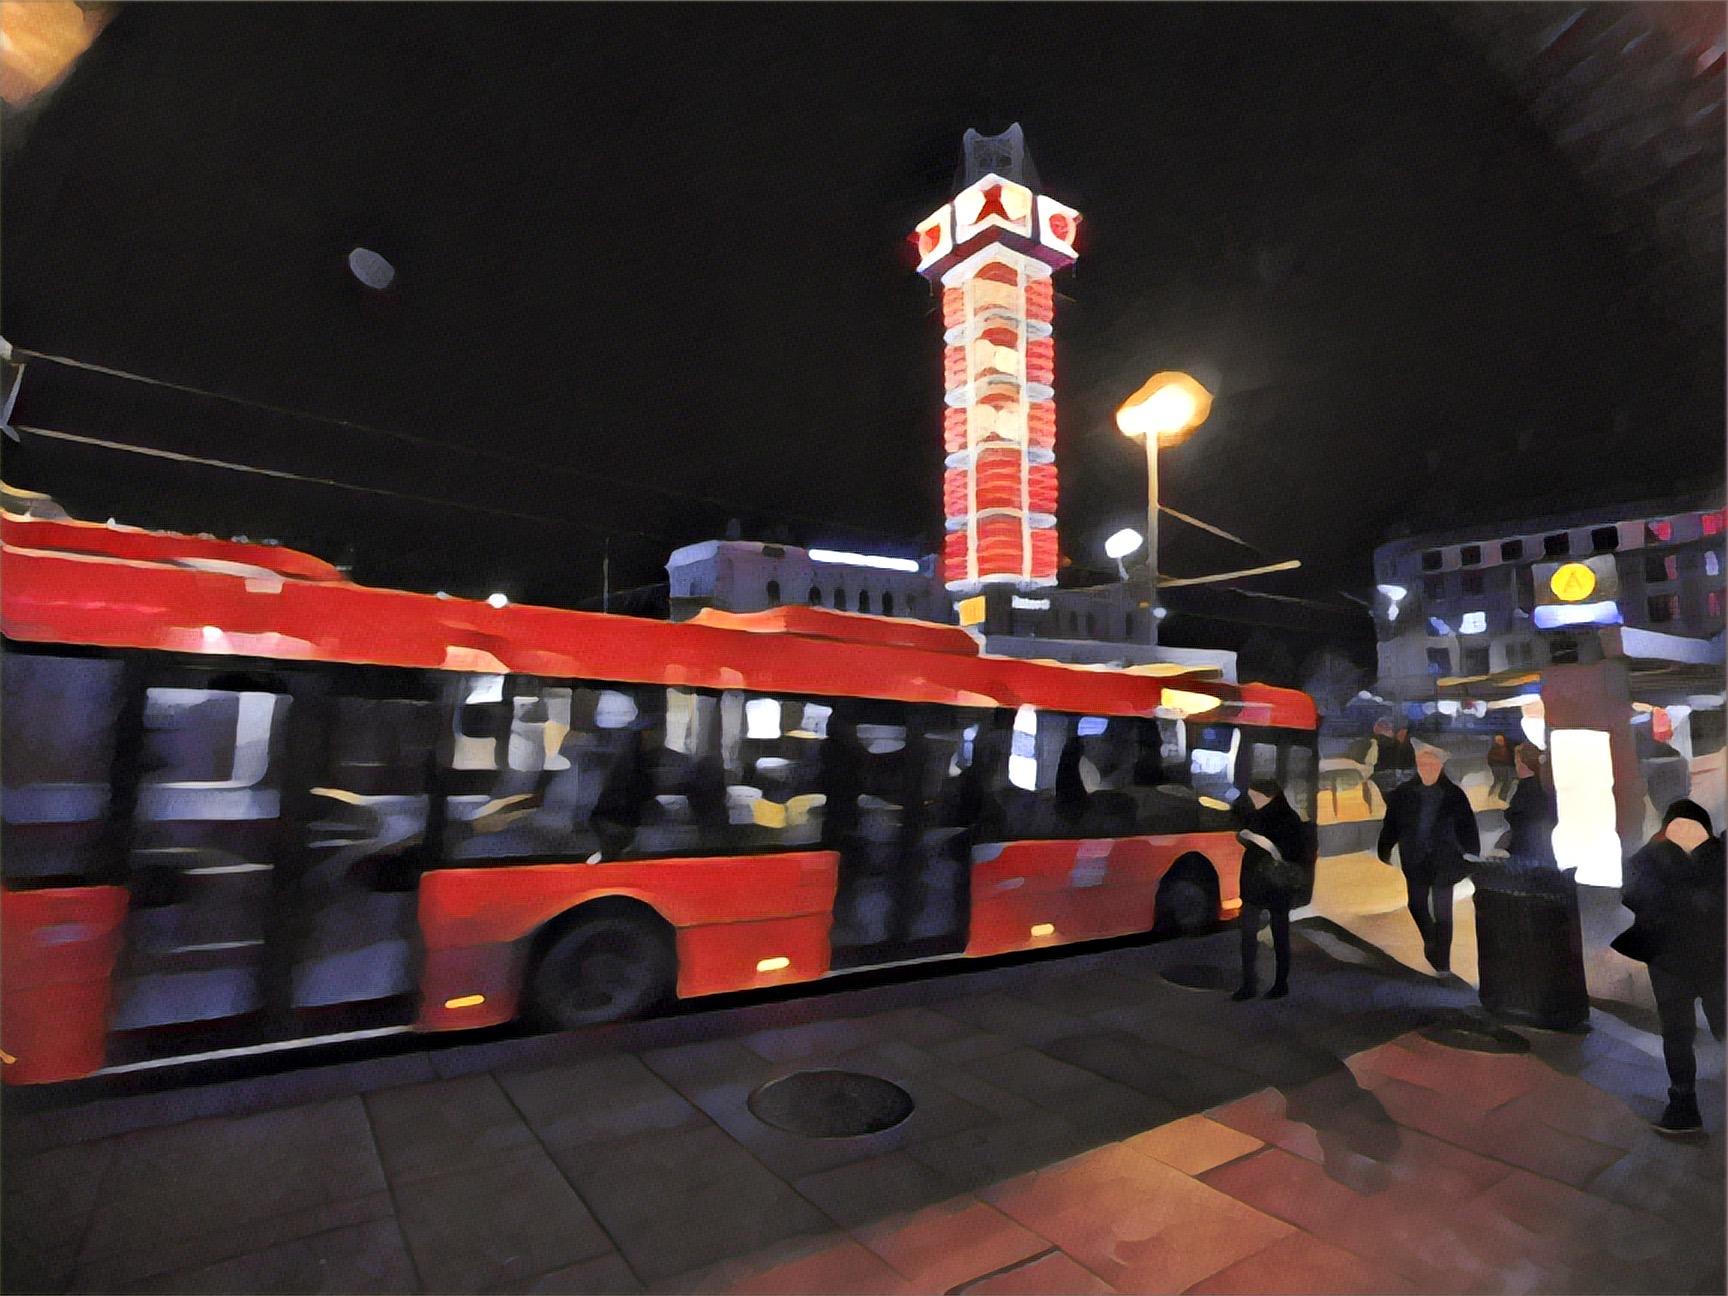 Night scene at Oslo Sentralstasjon (Central Station)